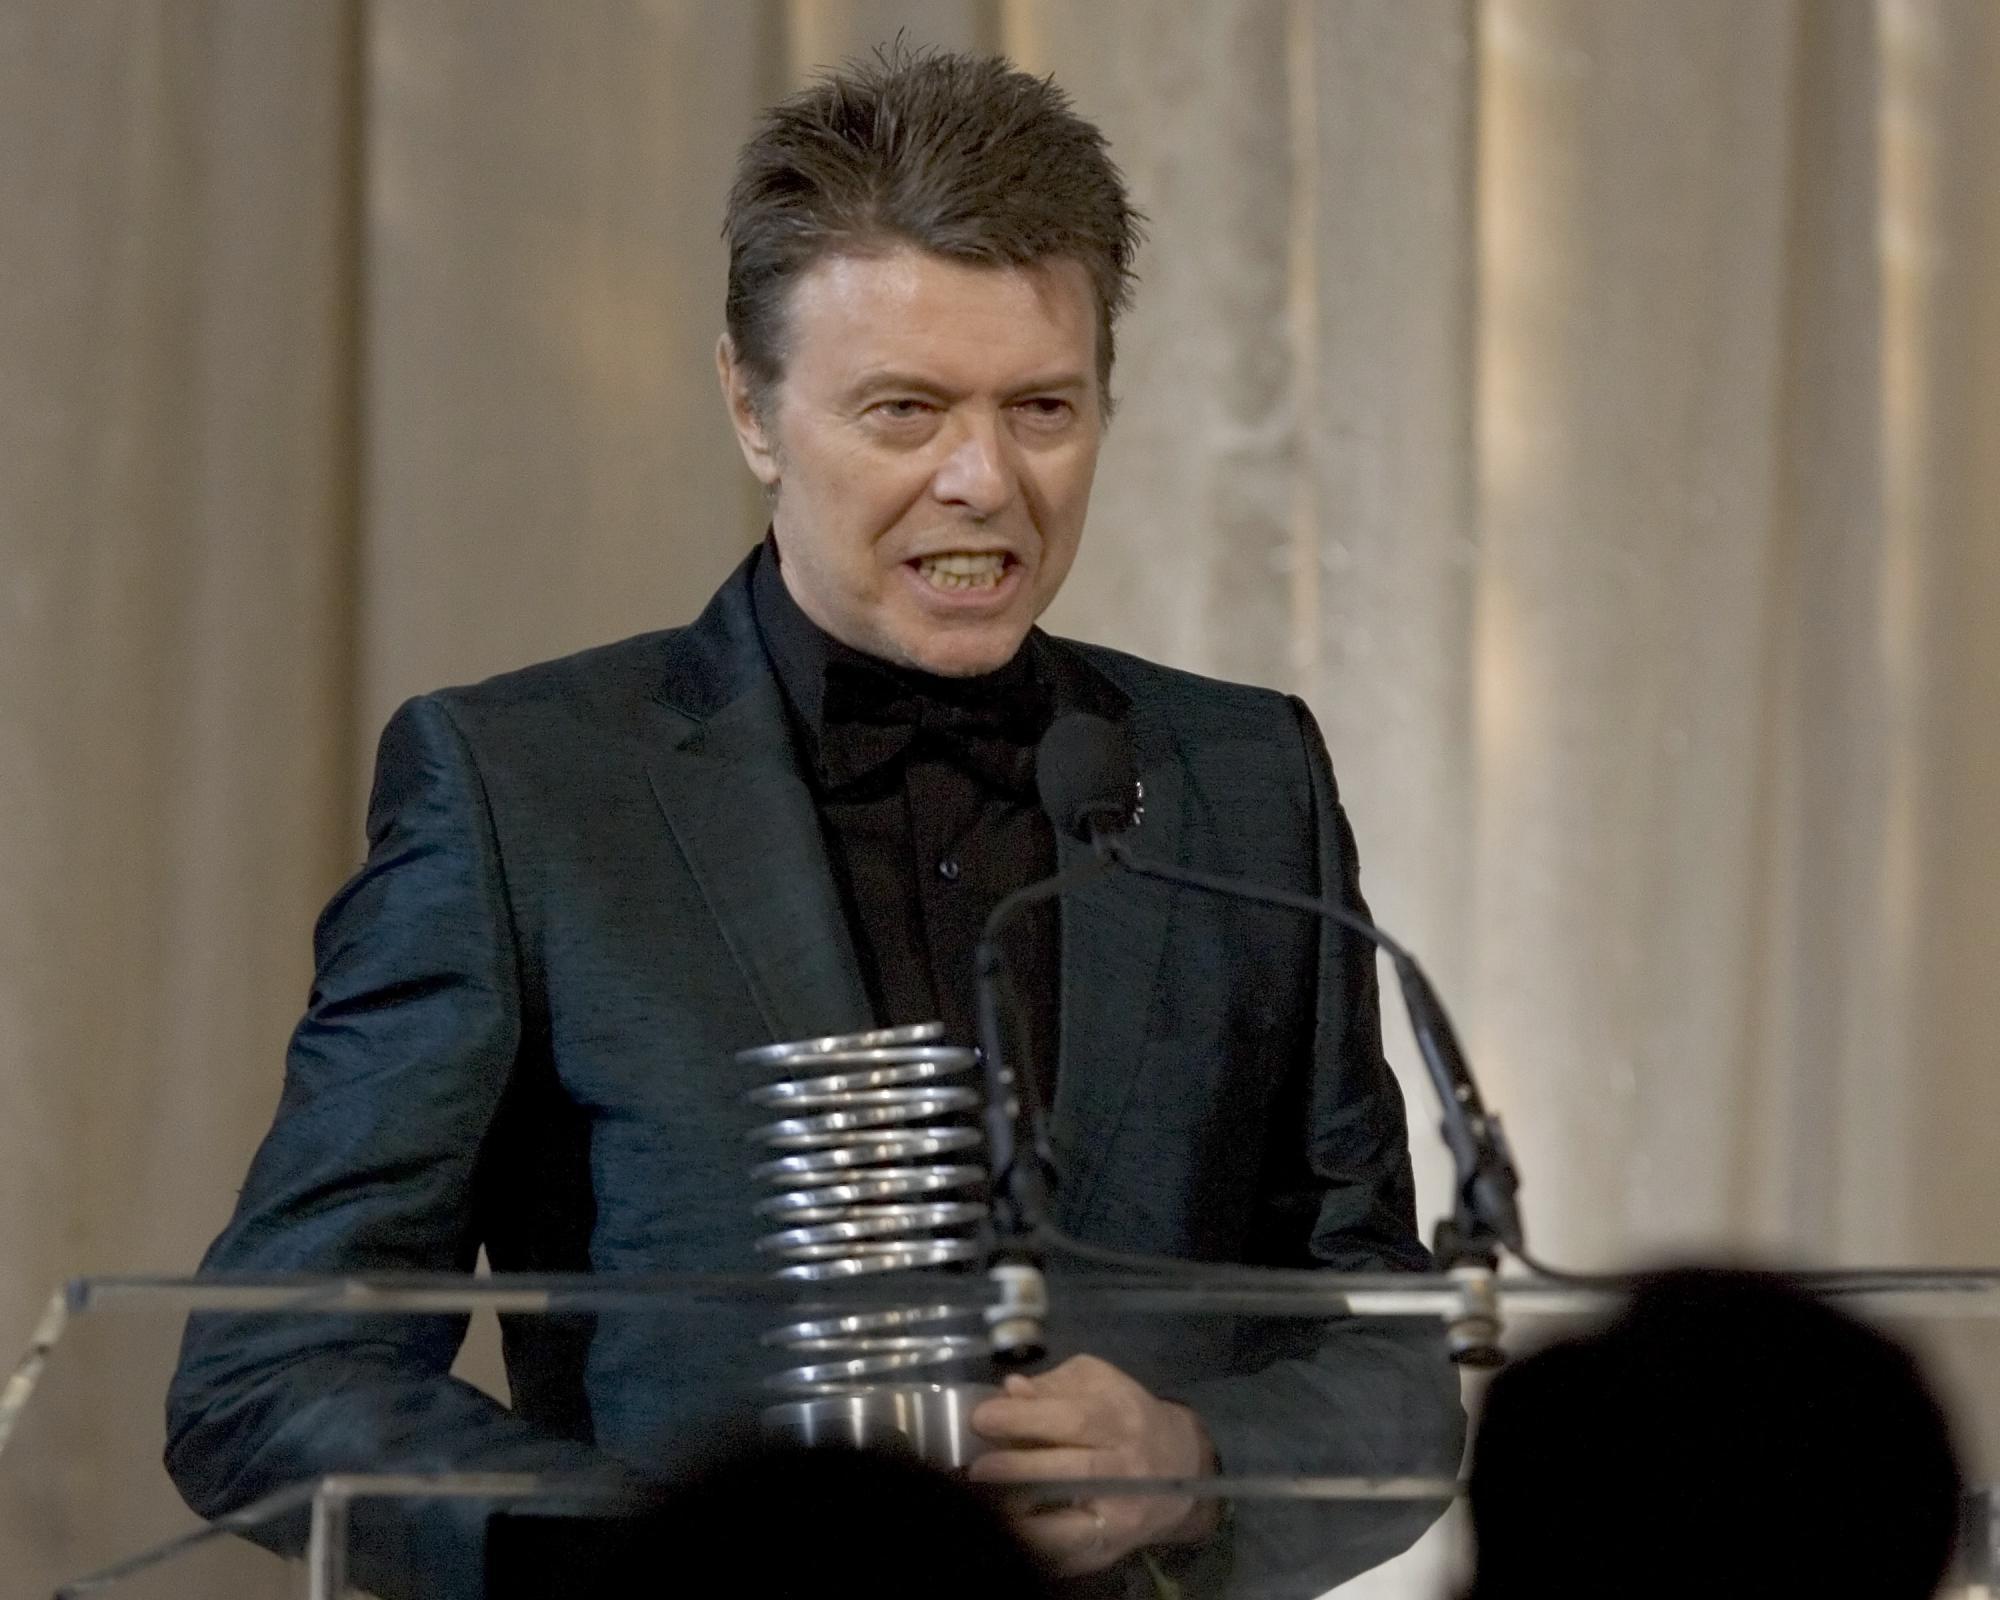 David Bowie, el famoso cantante recién fallecido